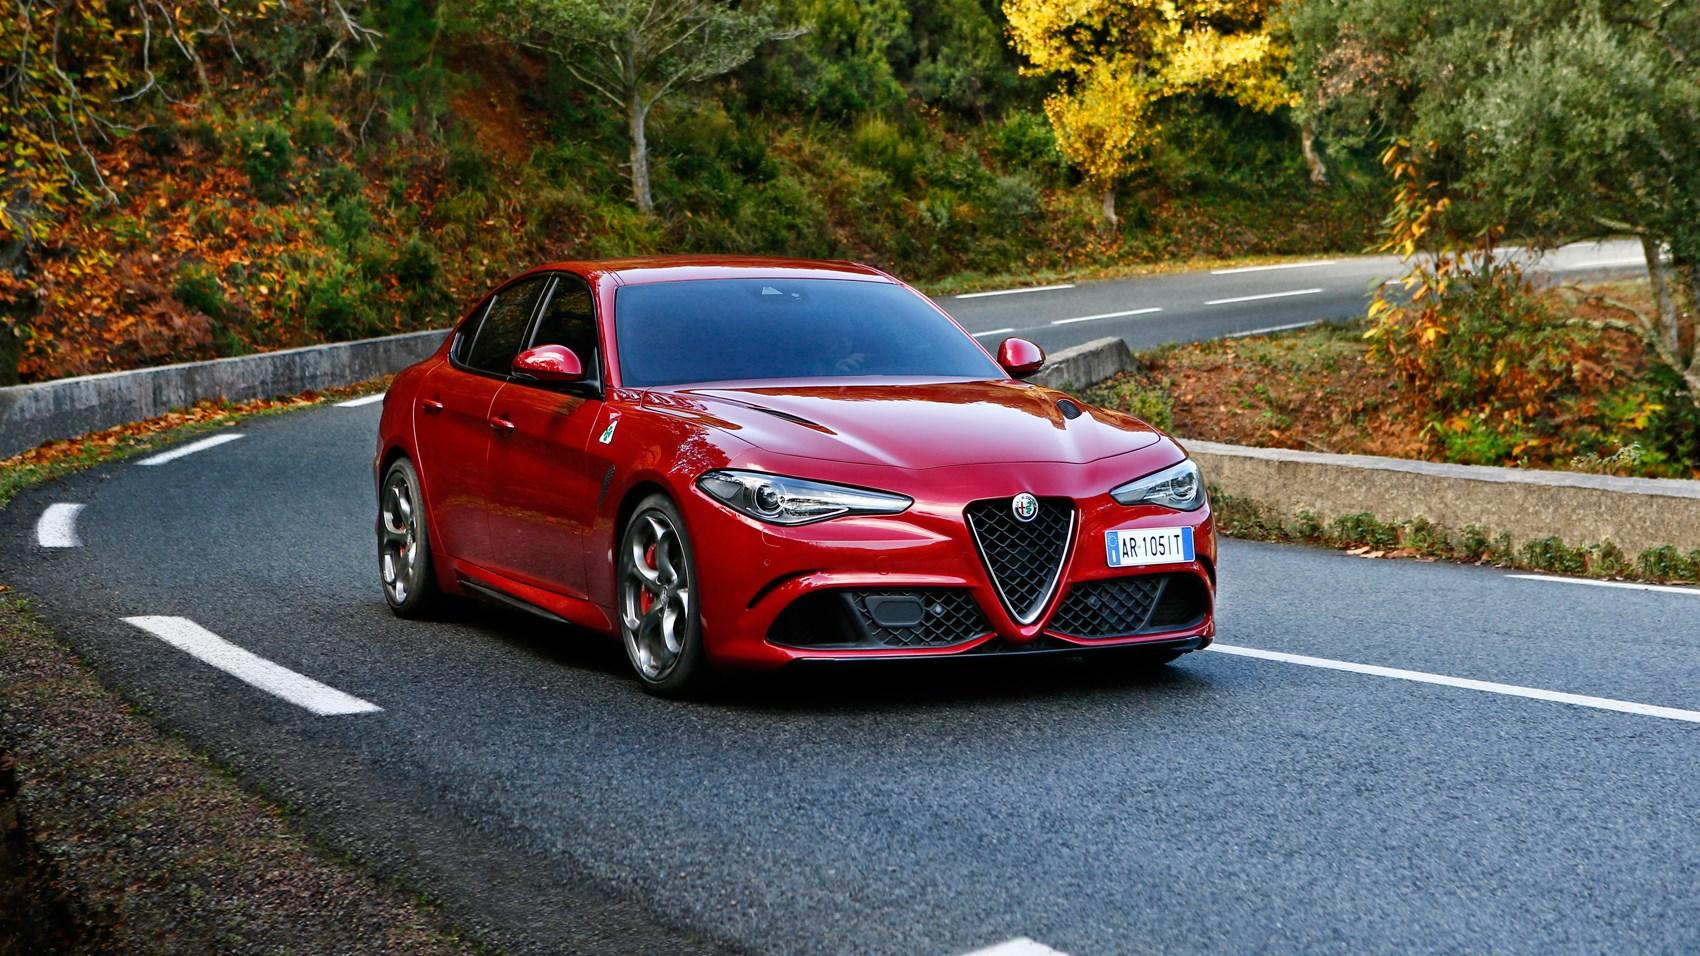 0 Down Lease Deals >> Alfa Romeo Giulia Quadrifoglio (2016) review by CAR Magazine